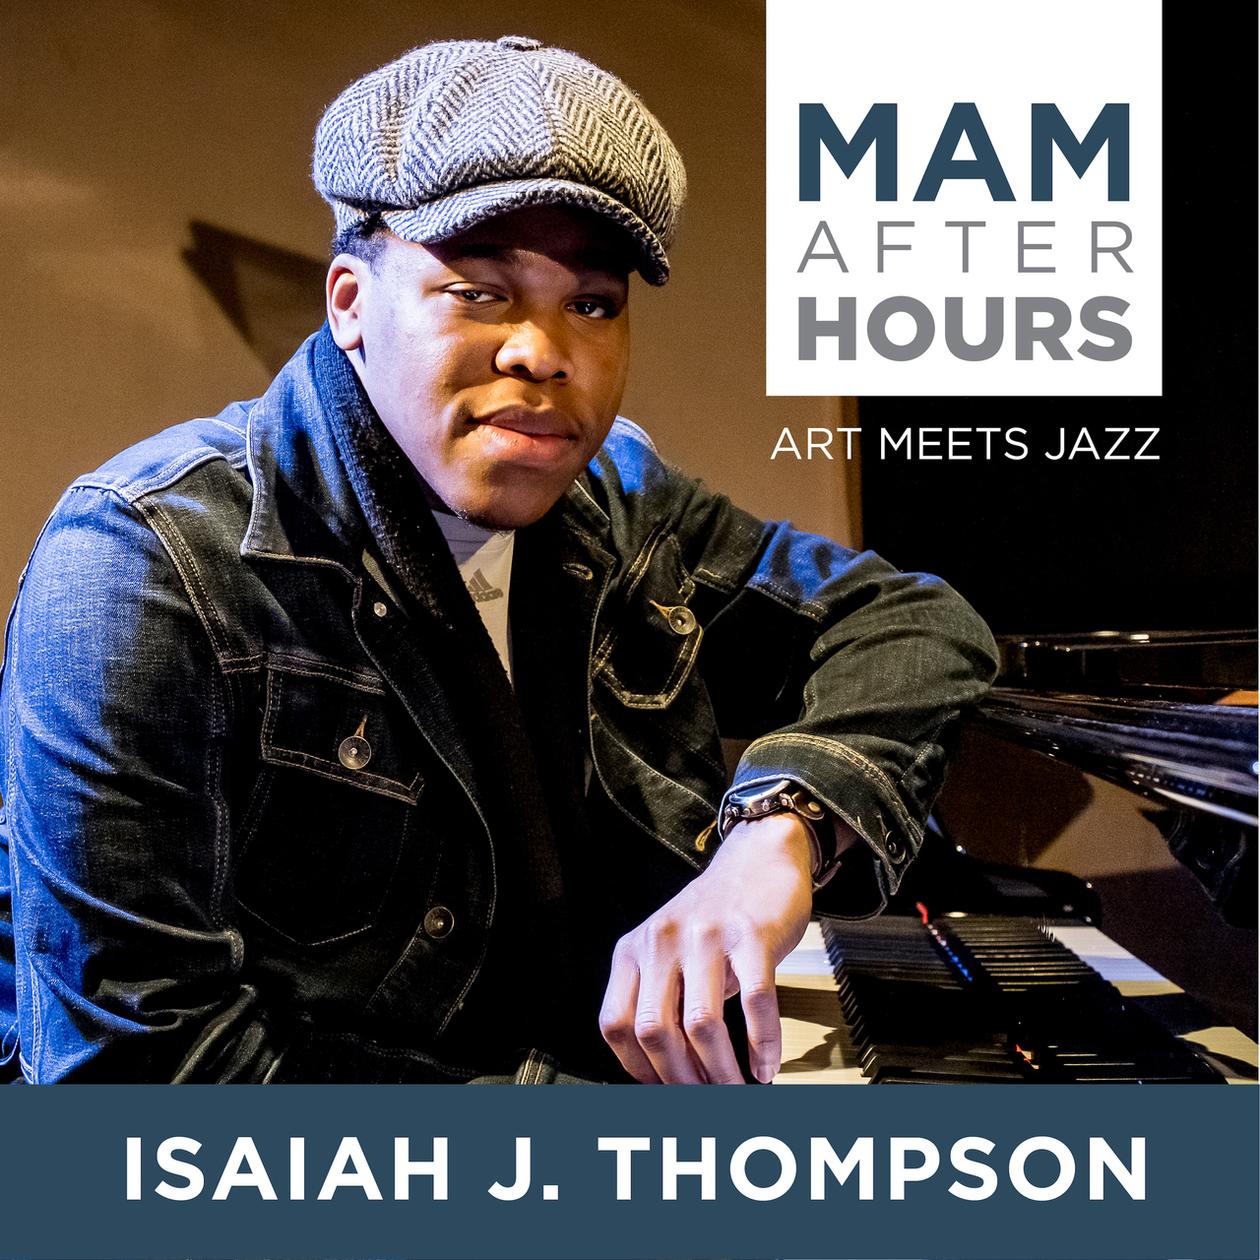 MAM After Hours: Art Meets Jazz